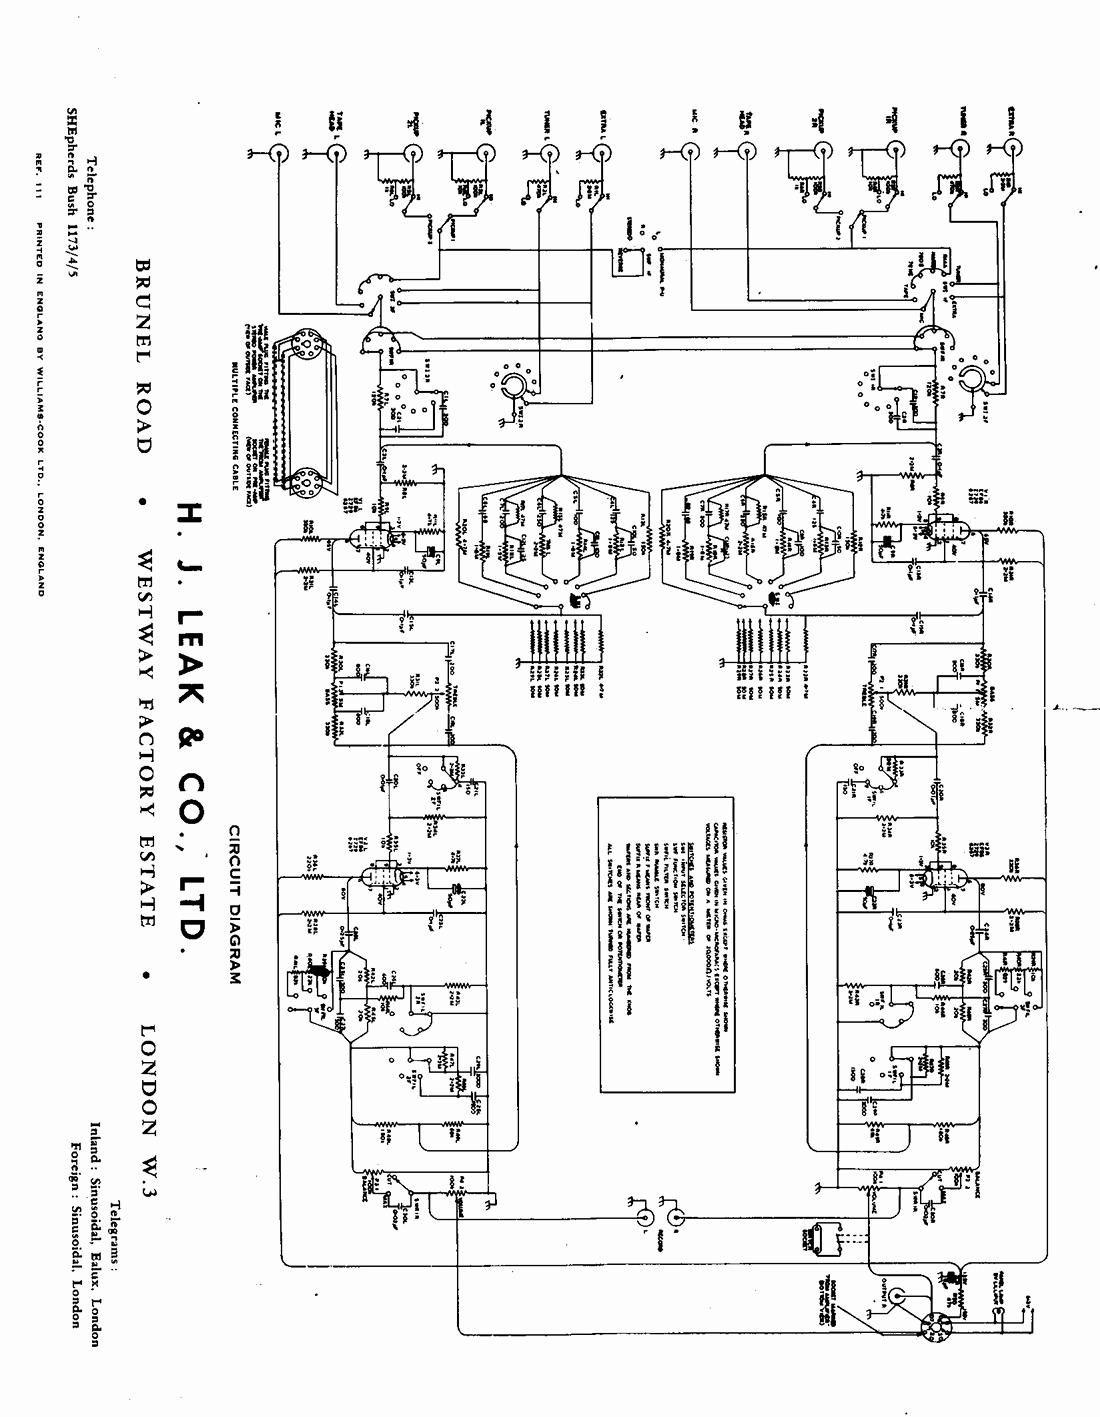 Wiring Schematic For Nissan Armada - Wiring Schematics on